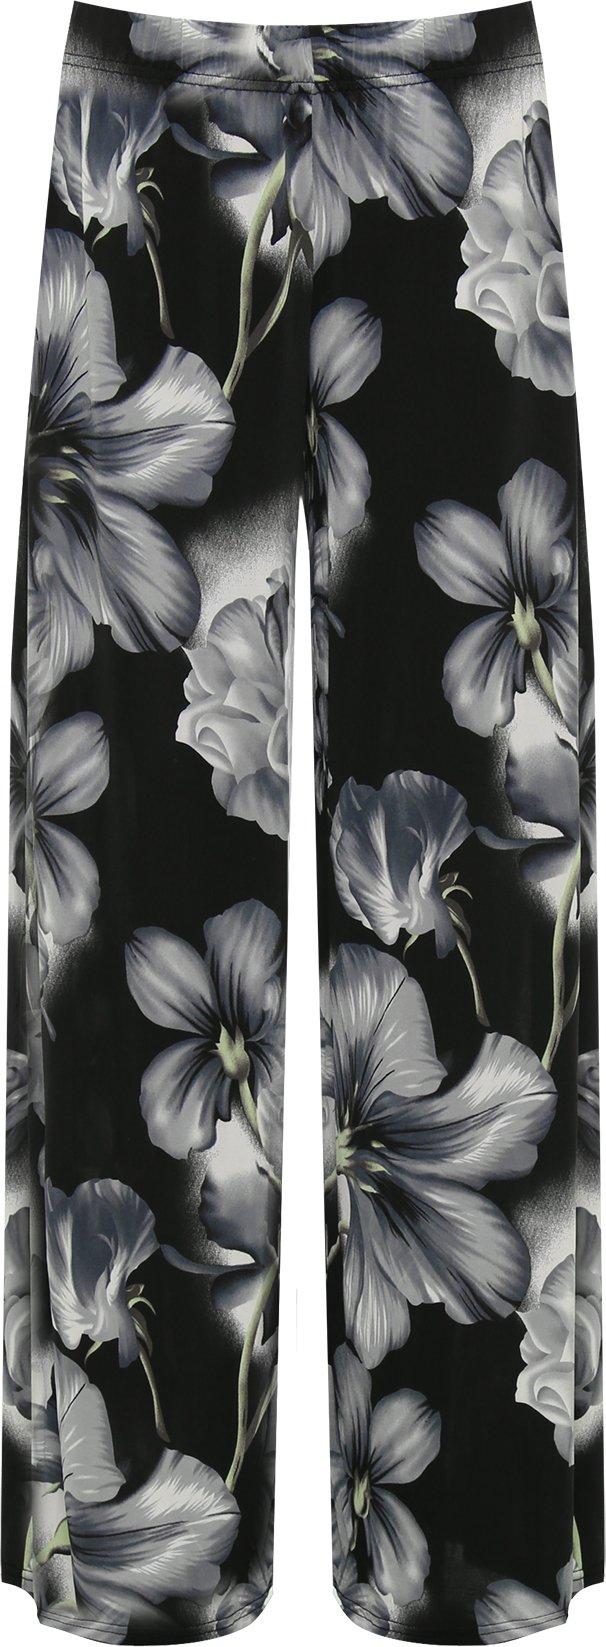 Femmes Plus Floral Imprimer Palazzo Pantalon Lades Évasée Large Jambe Pantalon Étendue - 42-56